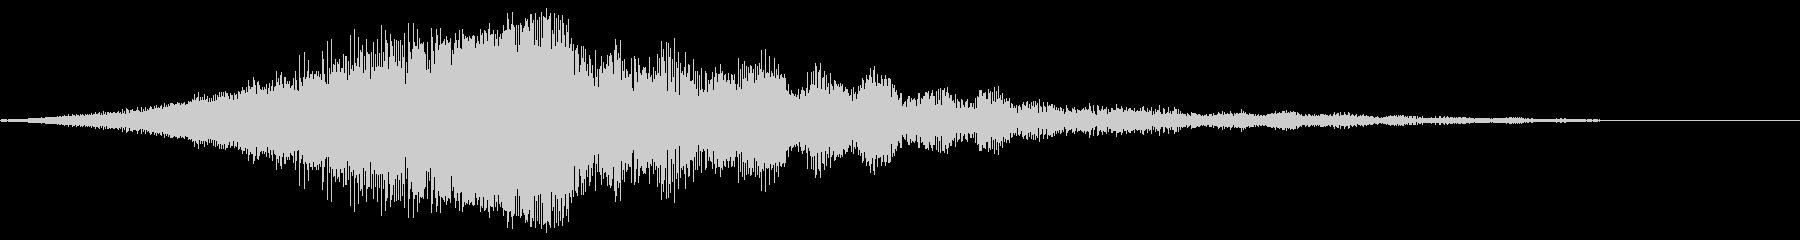 【映画タイトル】ロゴ_2 シネマティックの未再生の波形